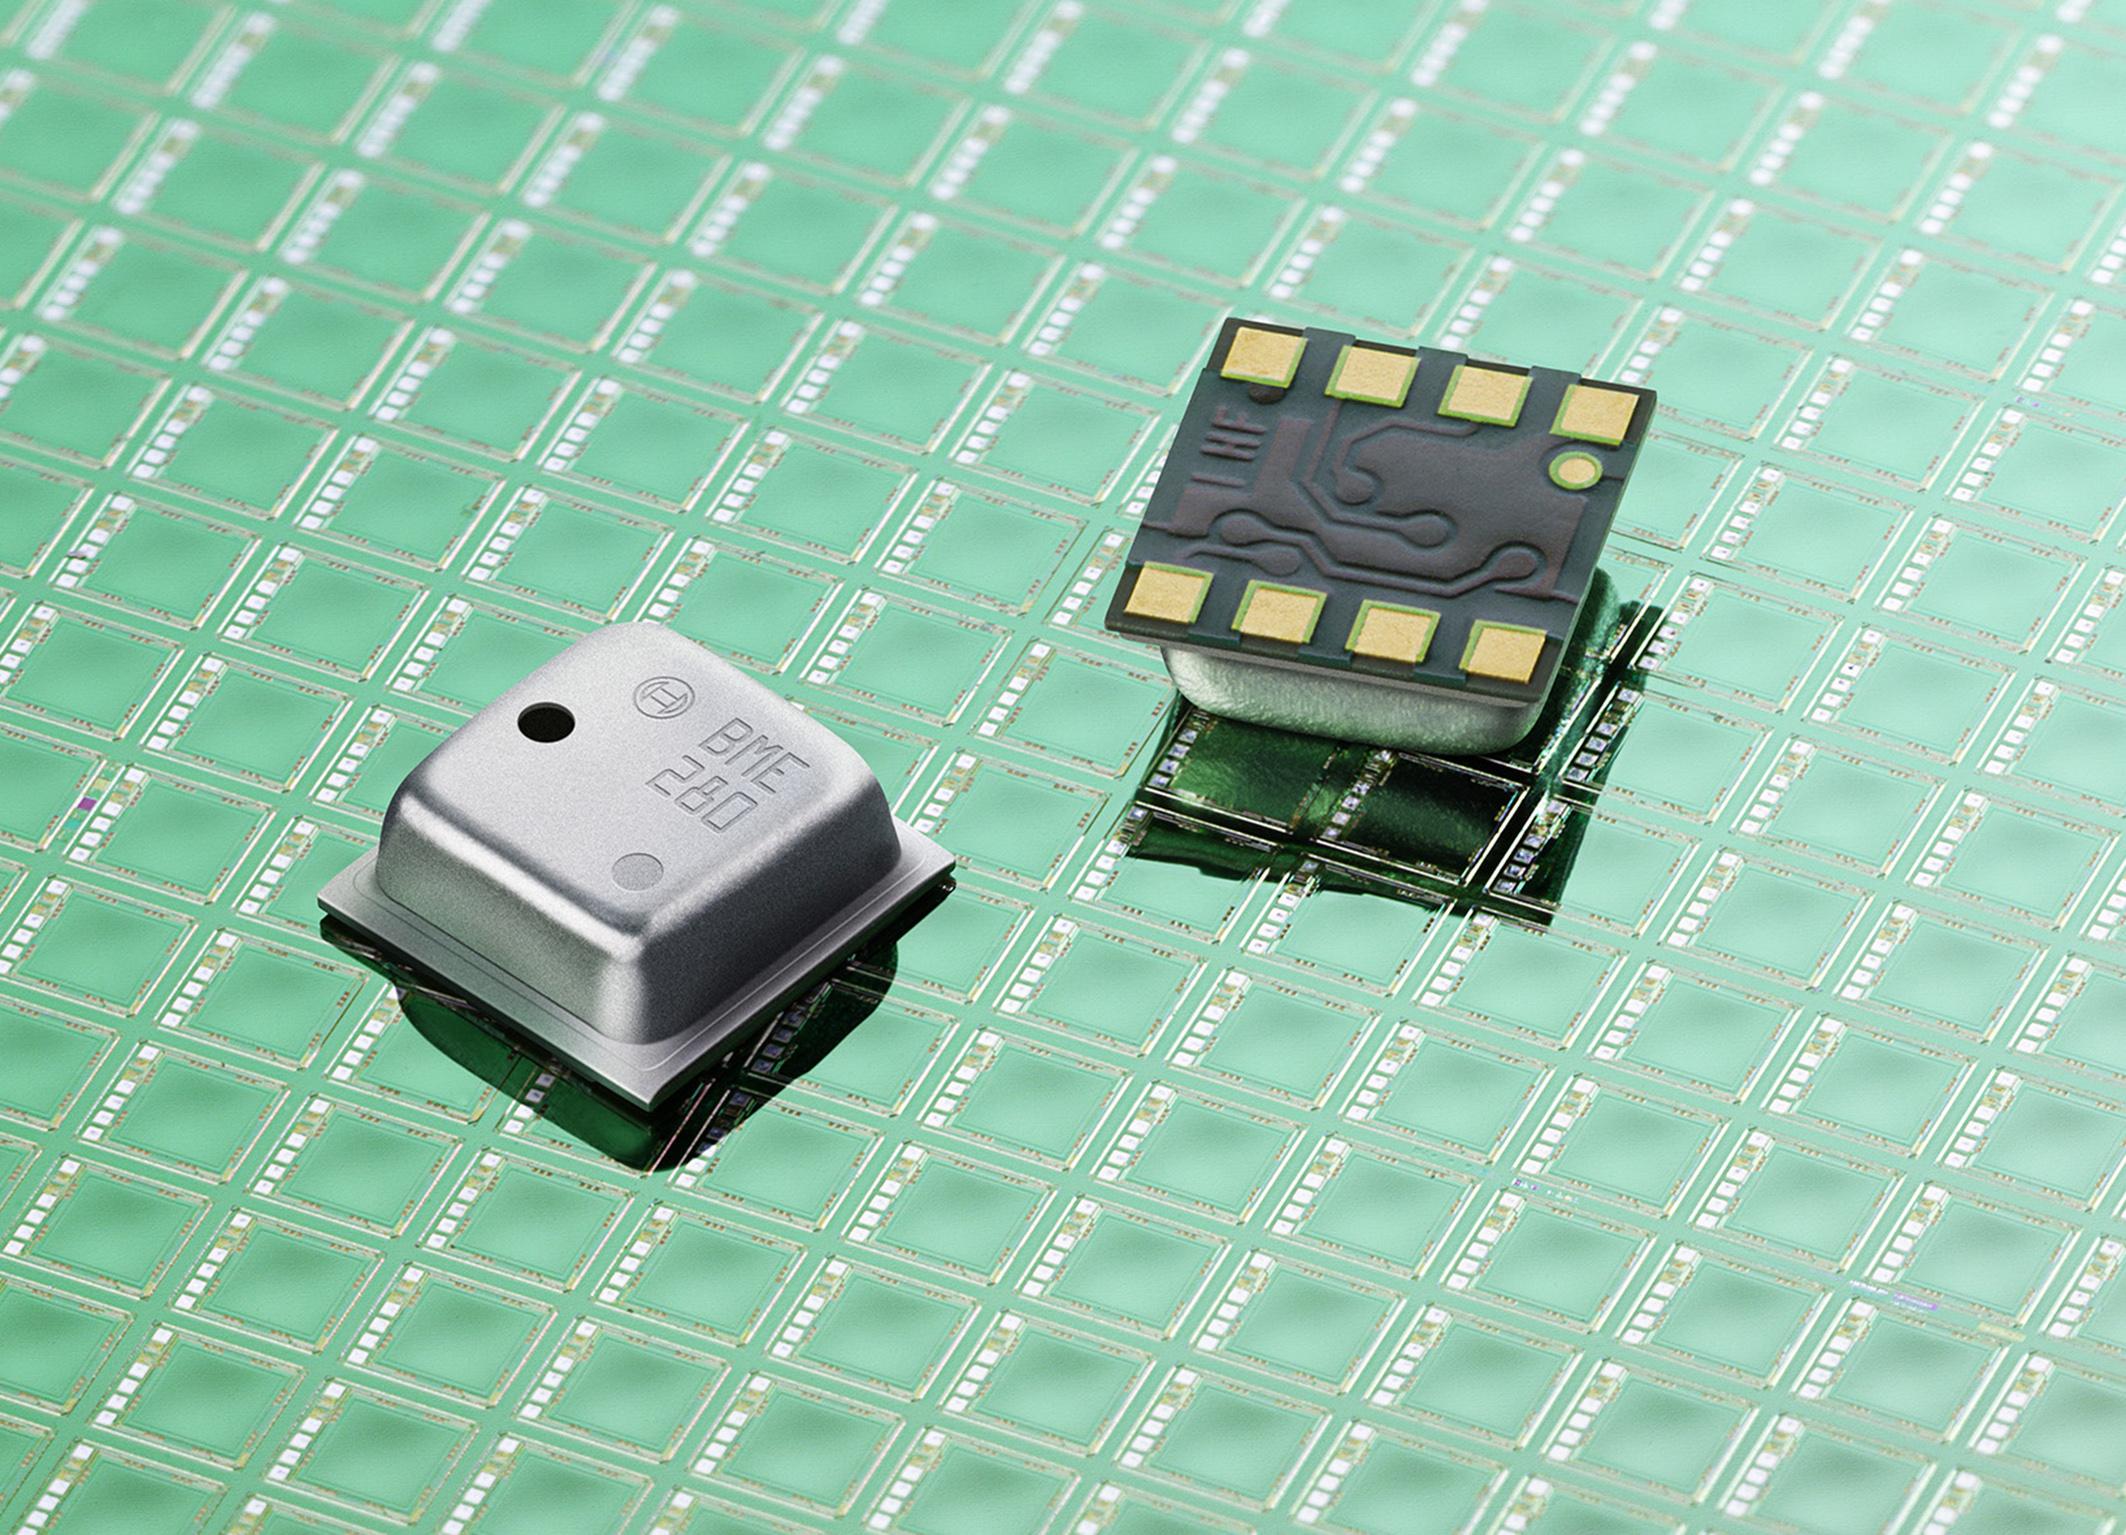 Bosch Sensortec's BME280 sensor combines pressure, humidity and temperatur measurement